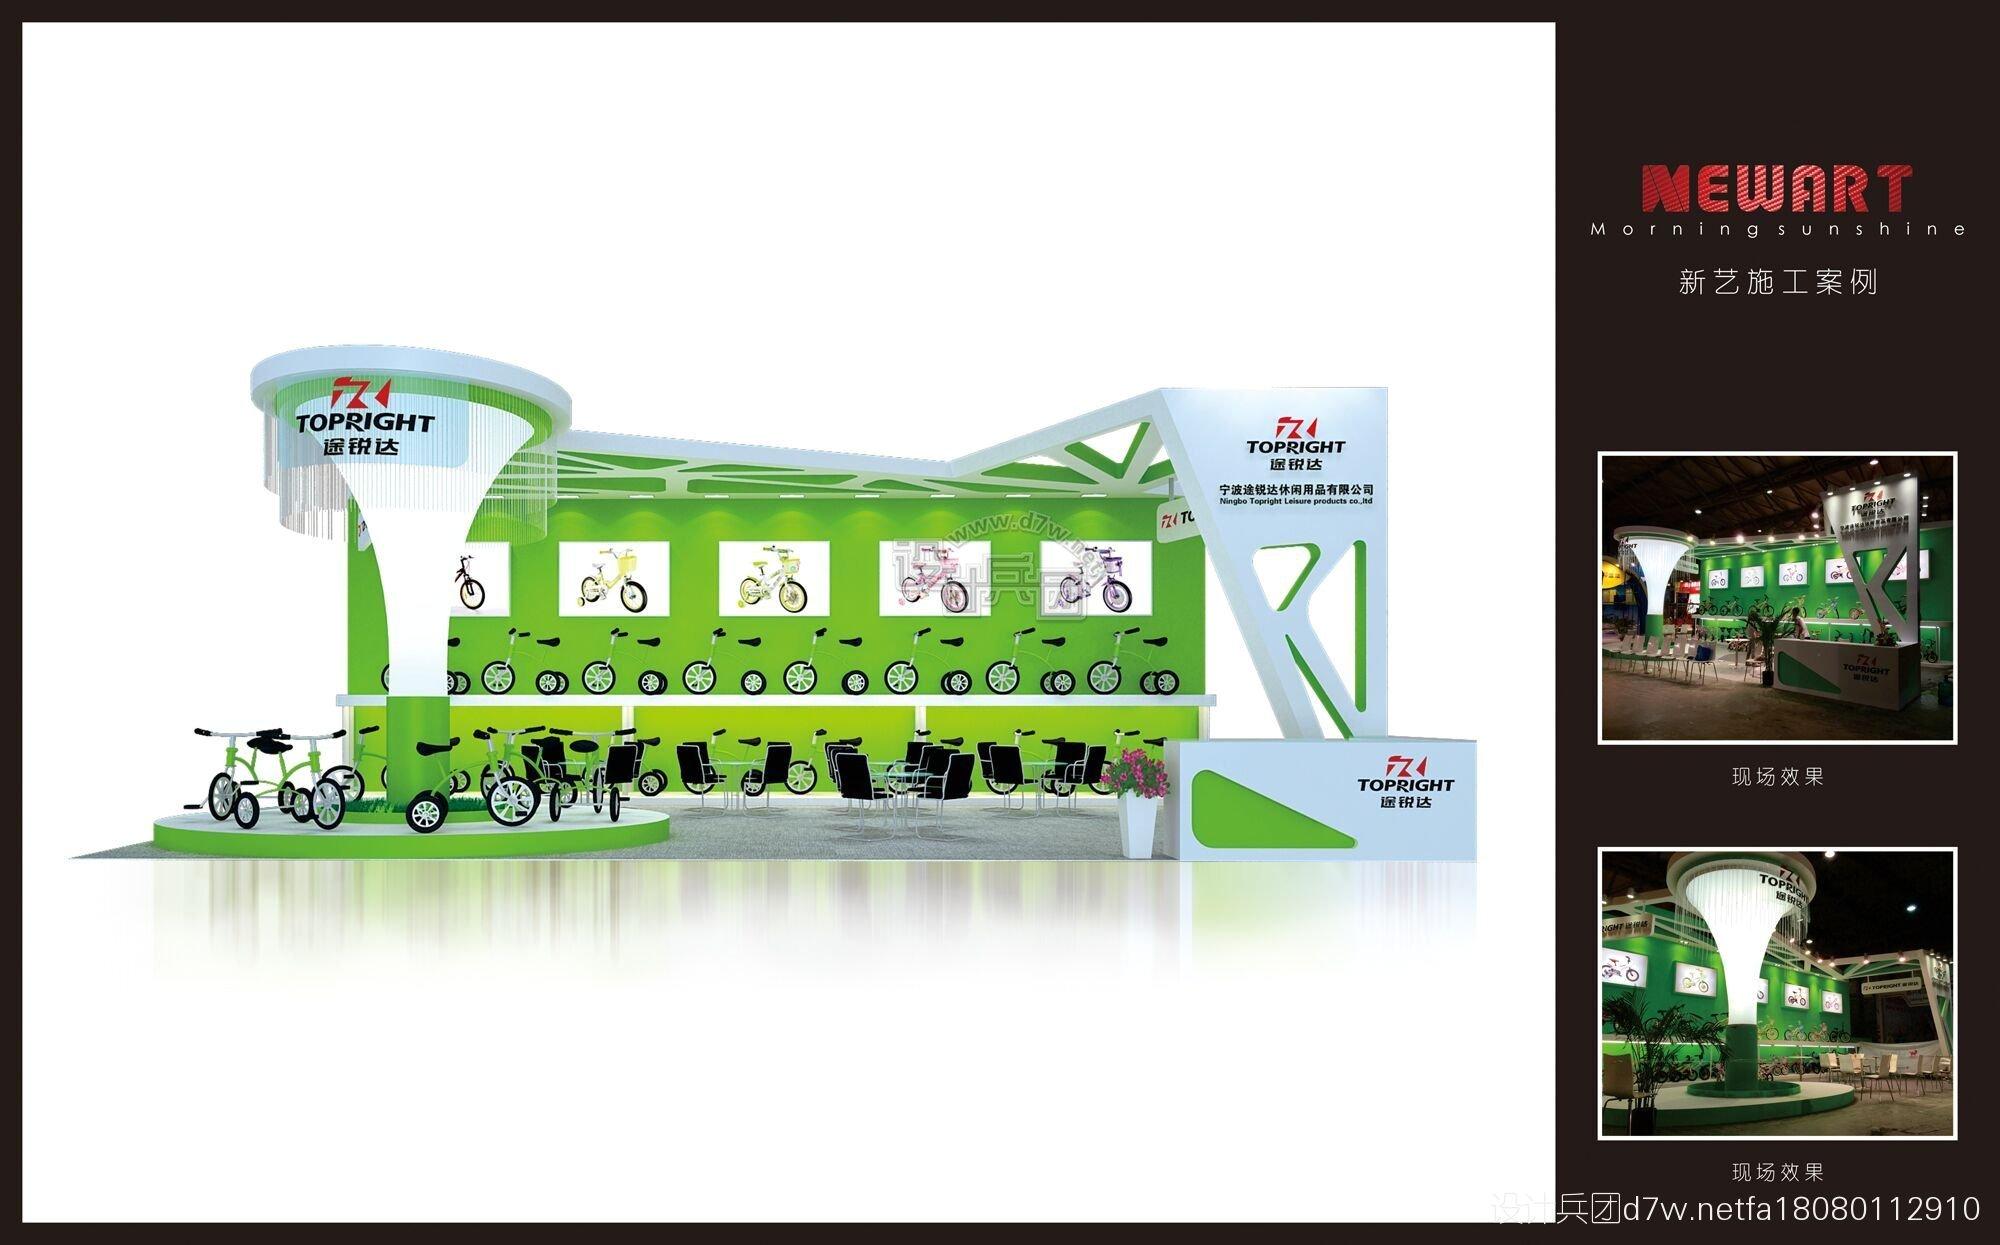 途锐达-上海婴童小时展乐高玩具11005个积木10696图片